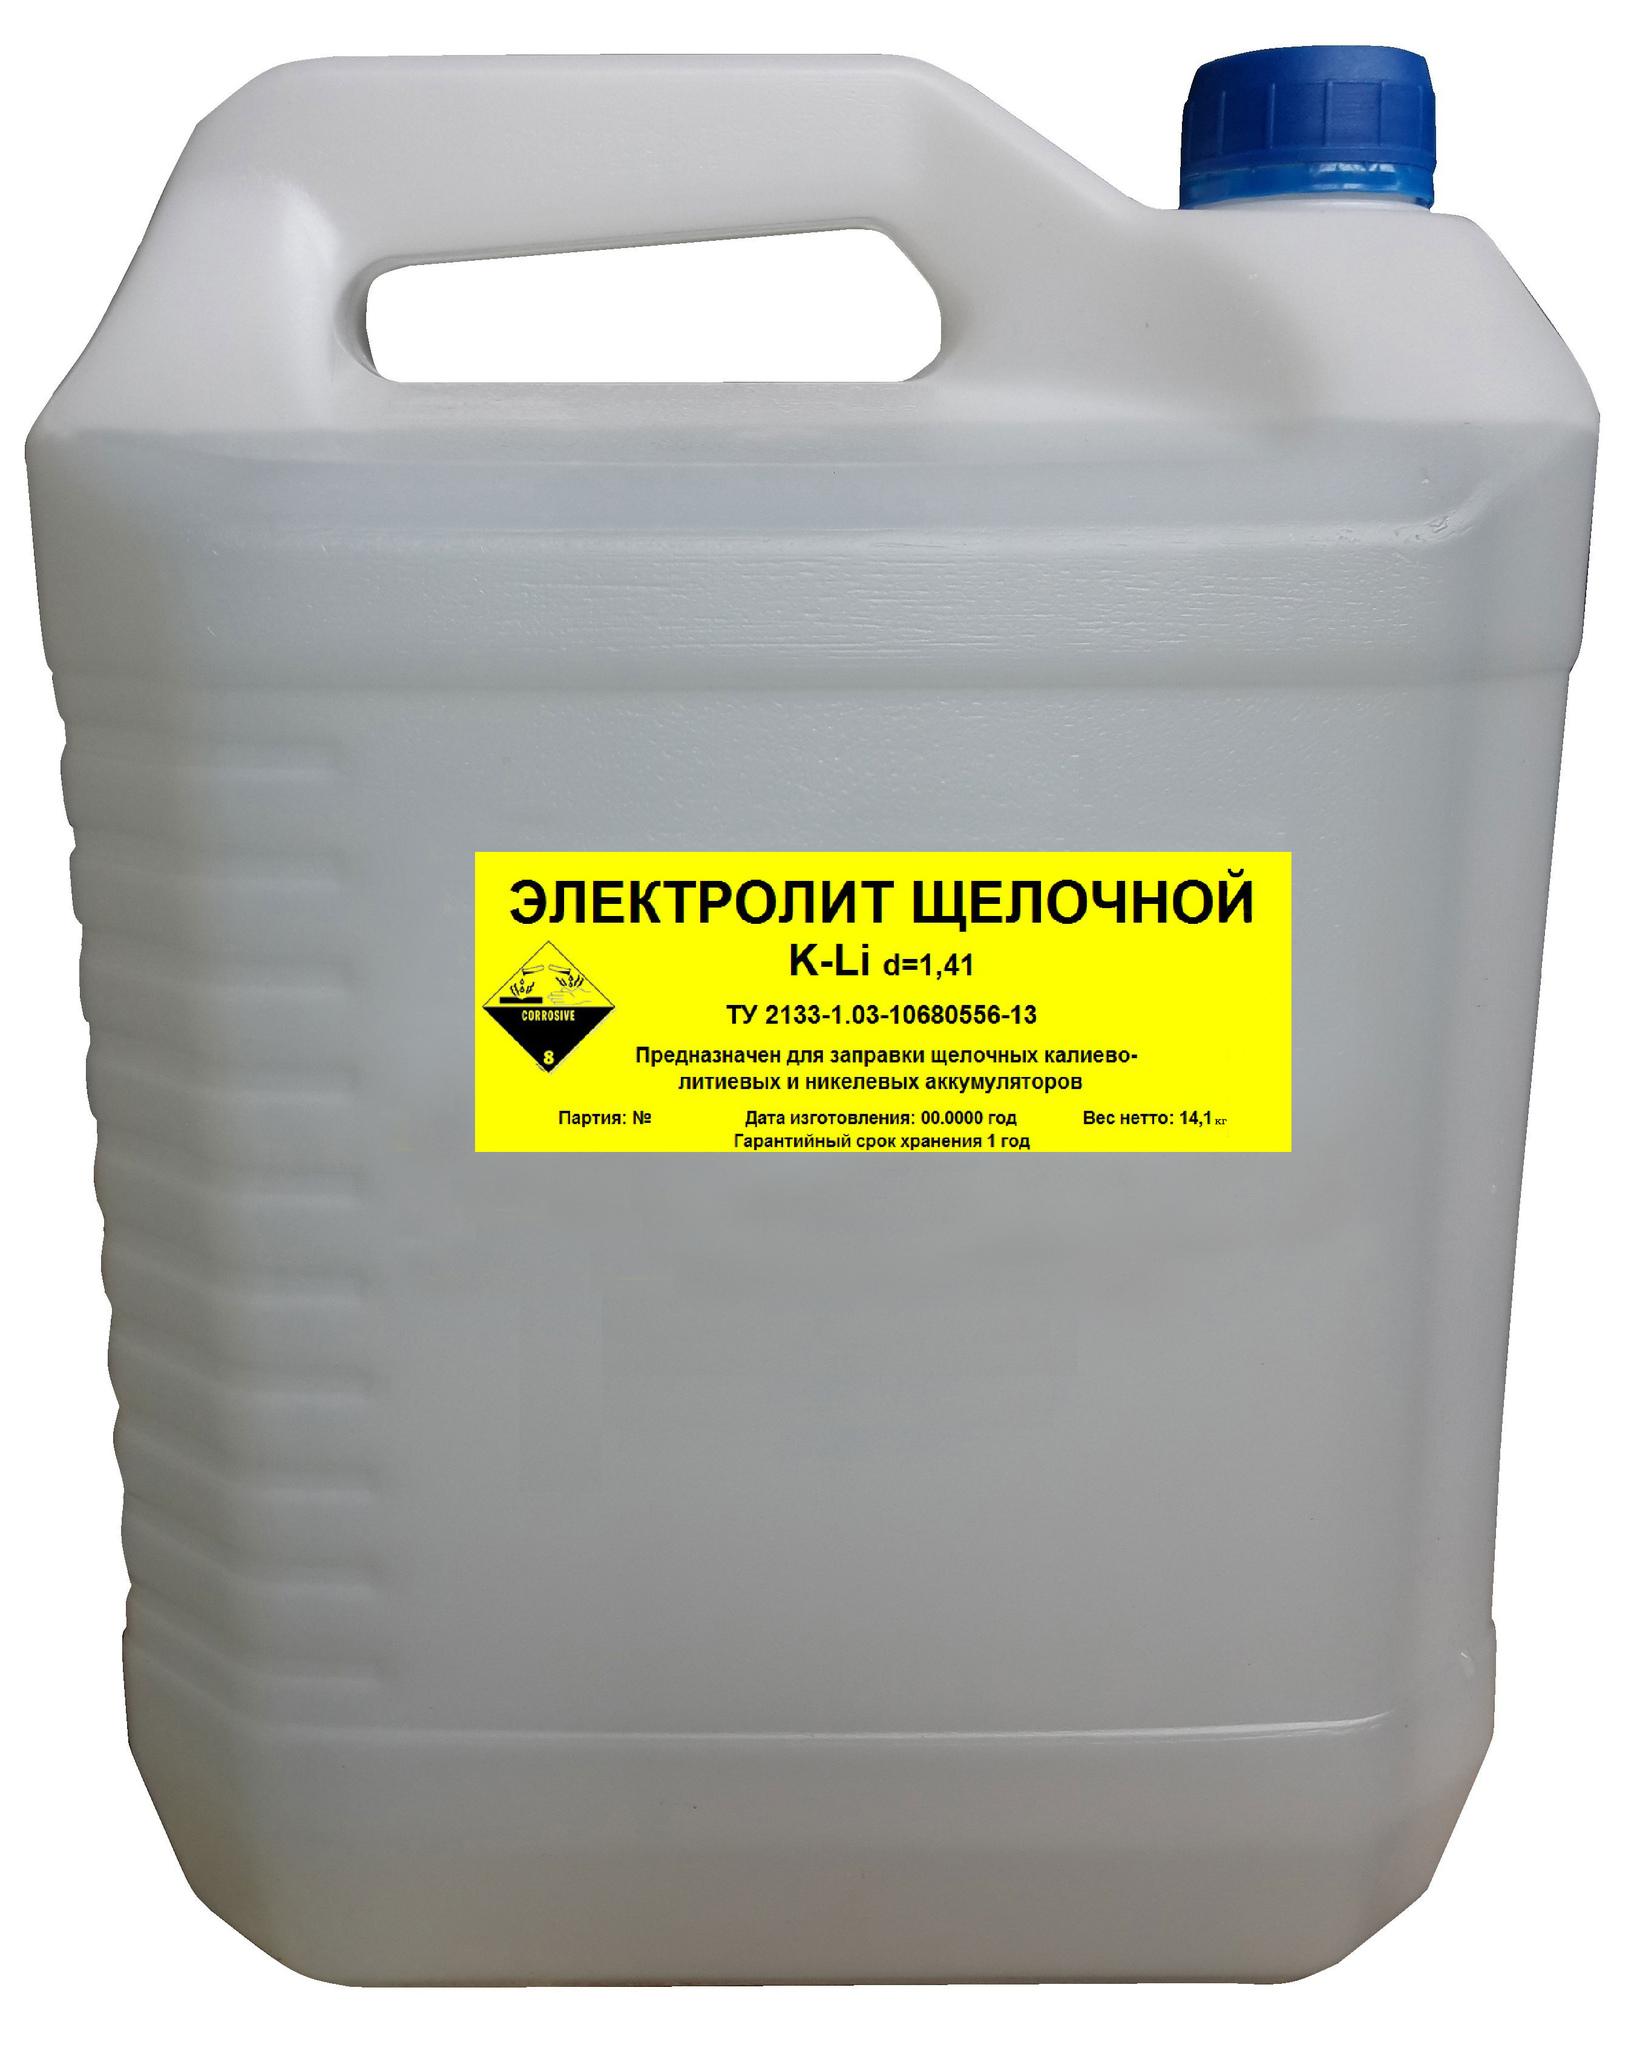 Купить калиево-литиевый (KLi) щелочной электролит